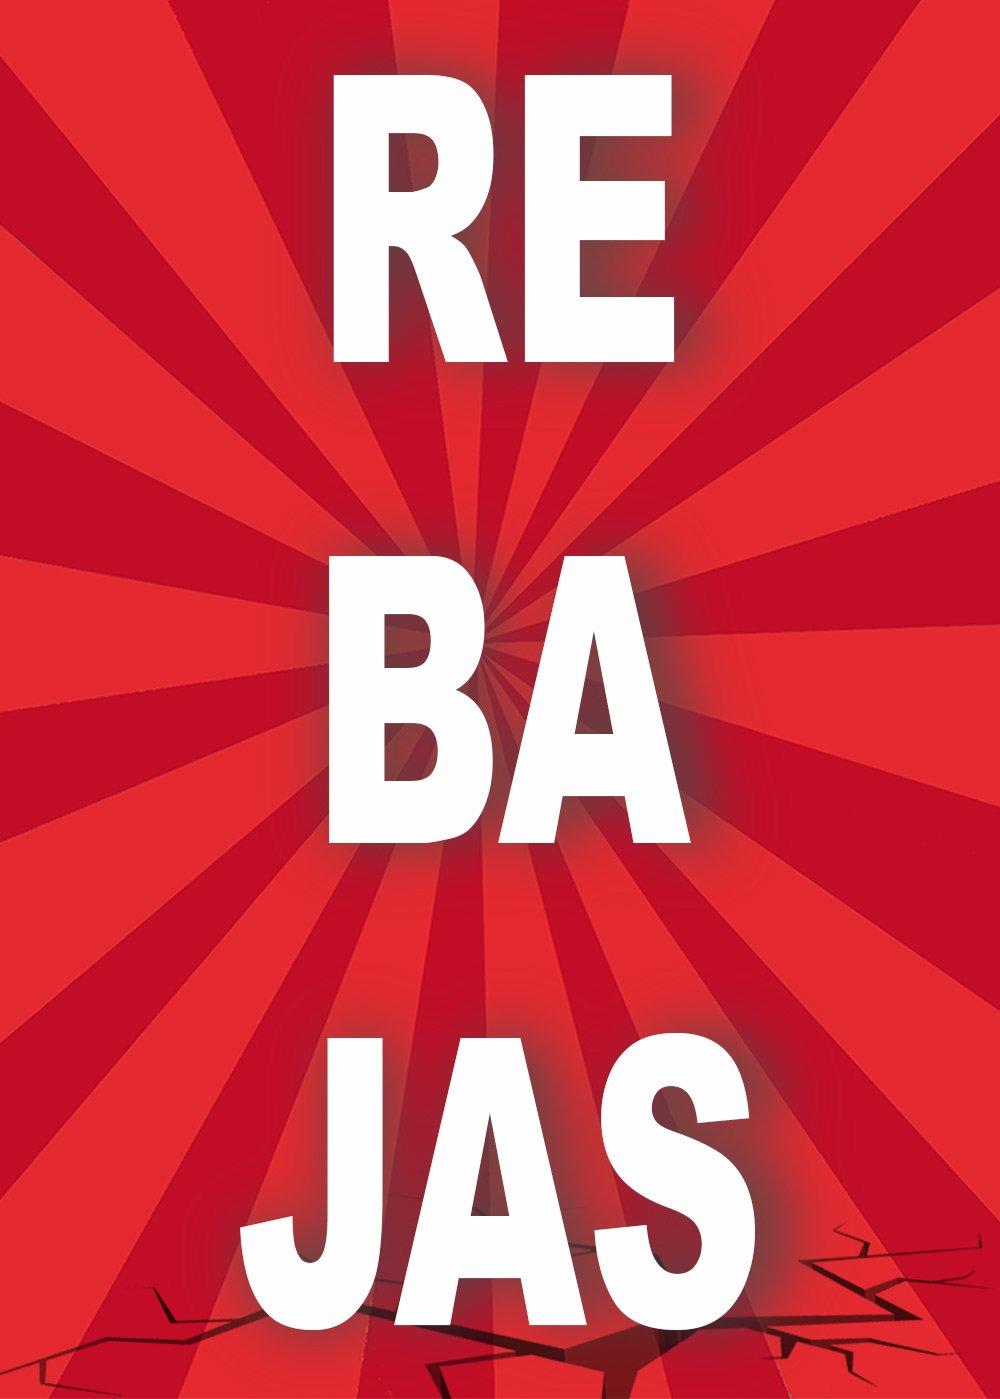 Cartel Rebajas | Varias medidas 25 cm x 35 cm | Cartel publicitario Rebajas | Cartel Oferta Rebajas | Cartel oportunidad Rebajas Oedim